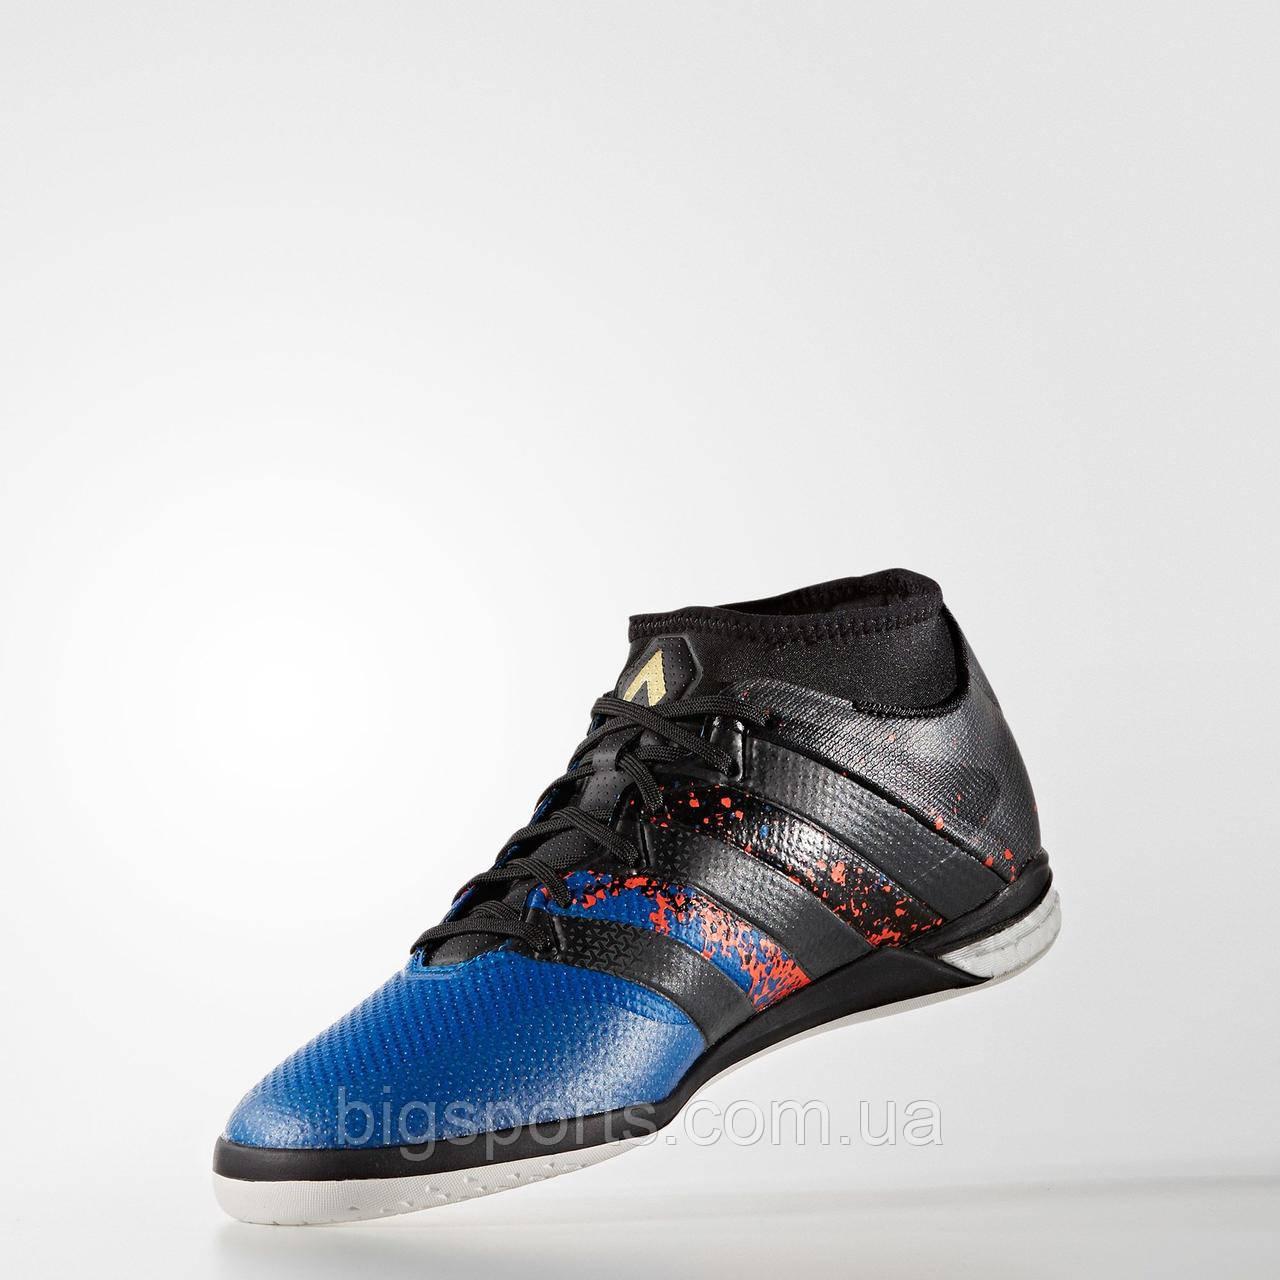 Бутсы футбольные для игры в зале муж. Adidas Ace 16.1 Primemesh Paris PK (арт. BB4259)